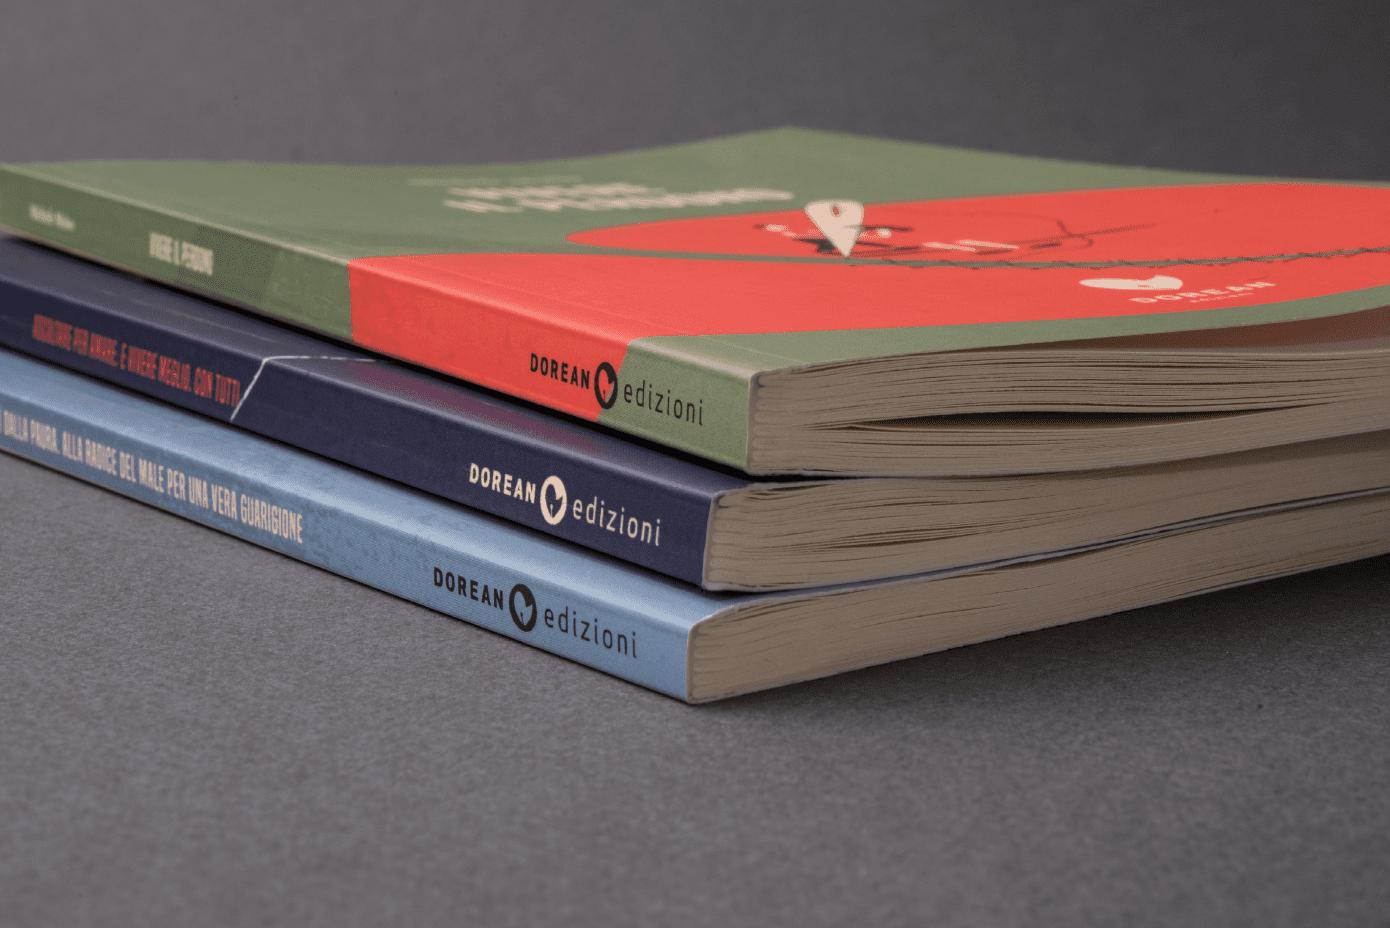 Libri per Dorean Edizioni